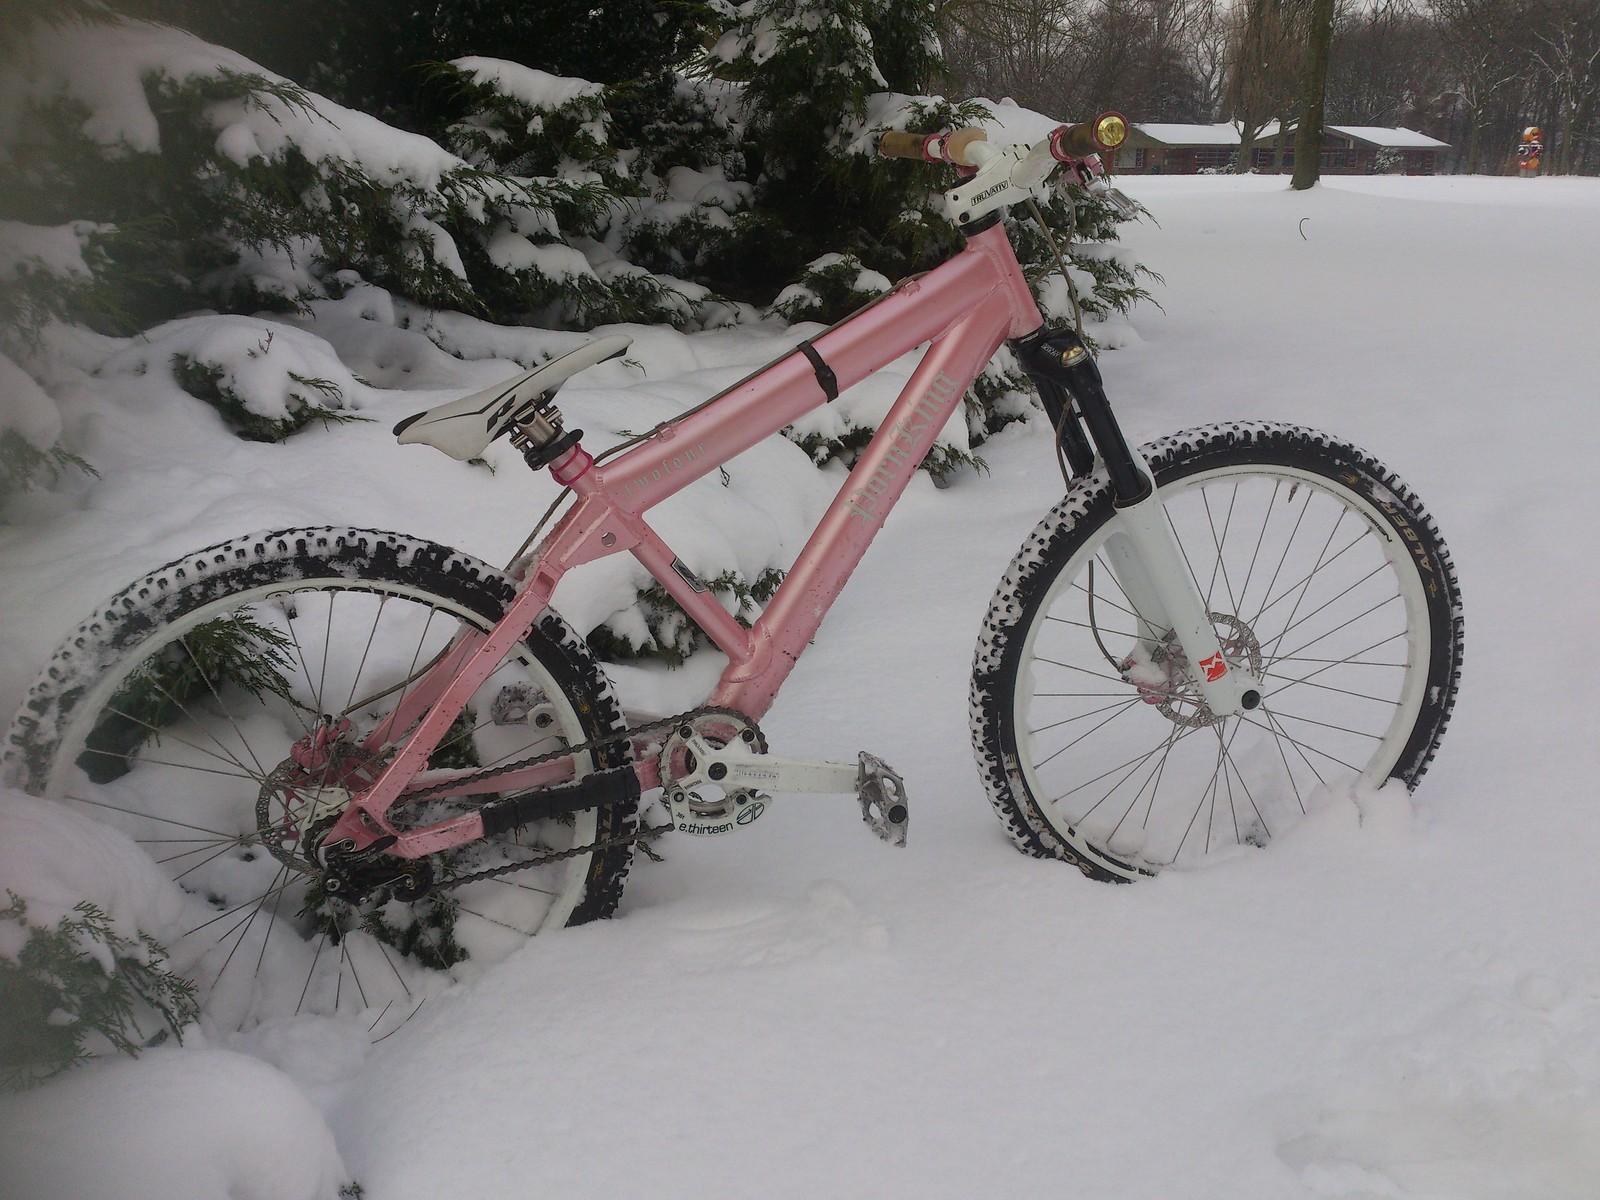 DSC 4917 - marcel.geel - Mountain Biking Pictures - Vital MTB